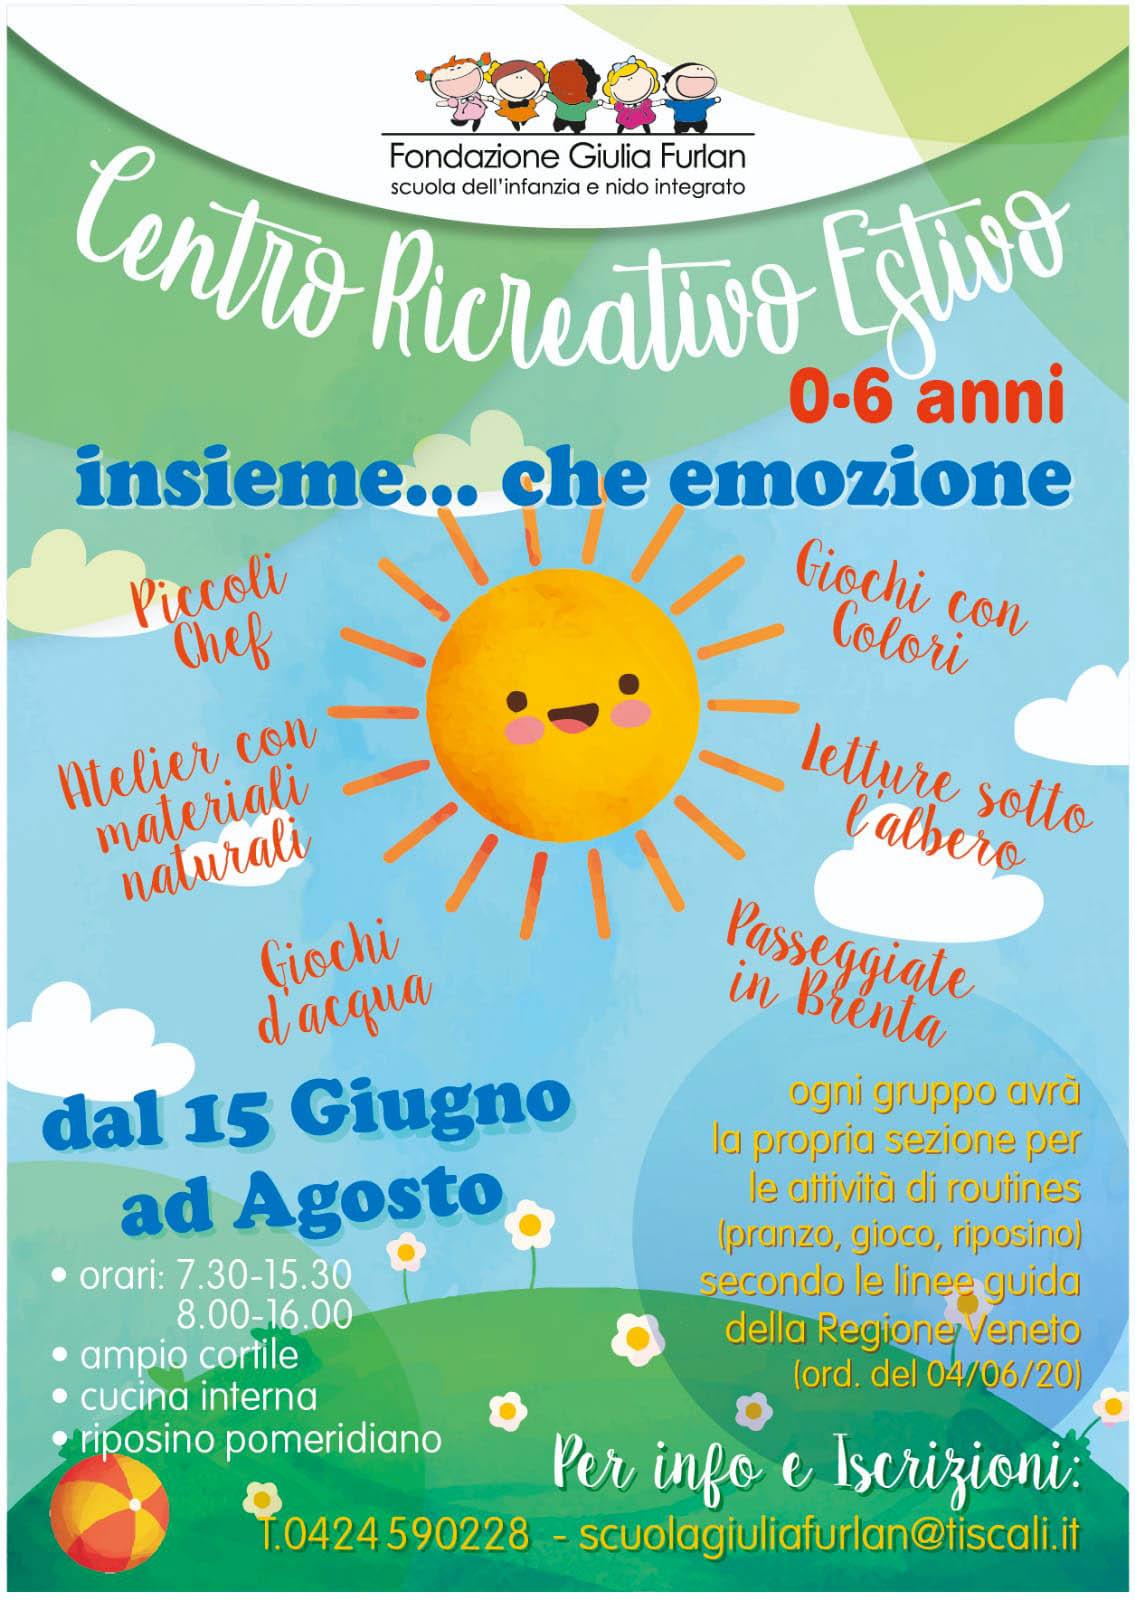 Scuola Infanzia Cartigliano - Centro Estivo 2020